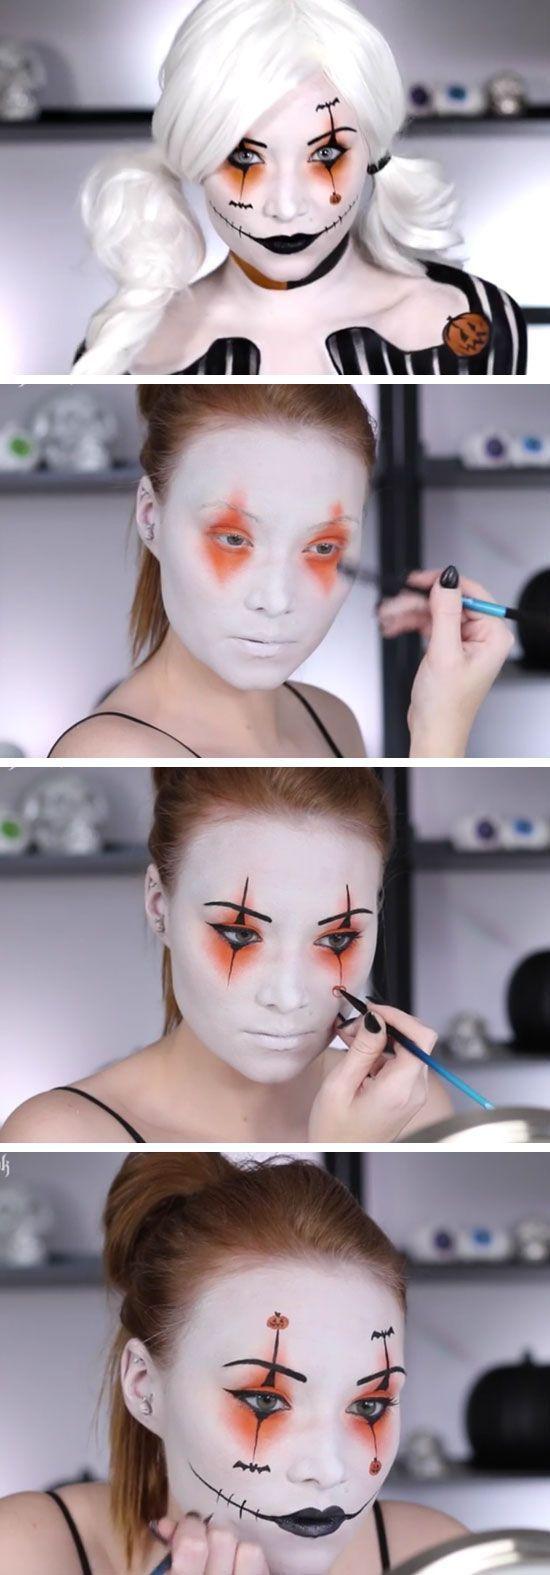 LAST MINUTE Halloween Make Up: Pop Art Schminkanleitung #creepyclown #doll #beau